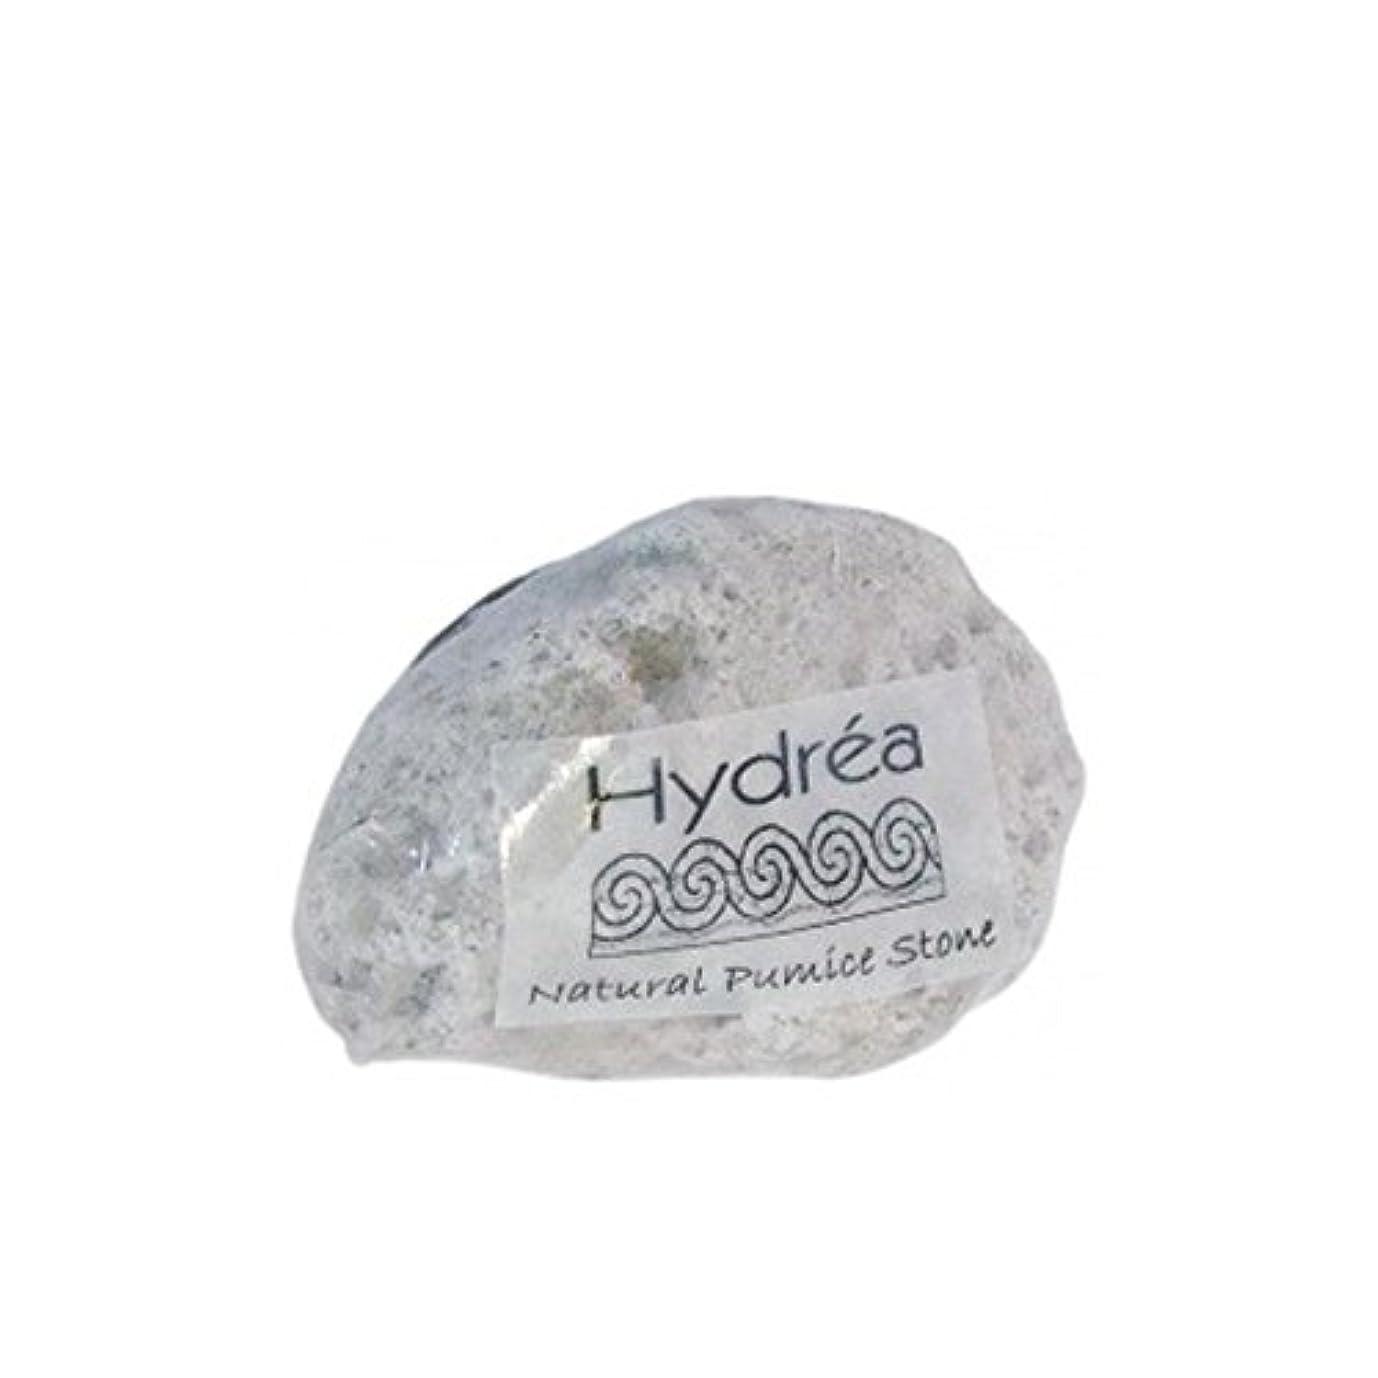 サーフィン顔料息を切らしてハイドレアロンドン - 自然軽石 x2 - Hydrea London - Natural Pumice Stone (Pack of 2) [並行輸入品]